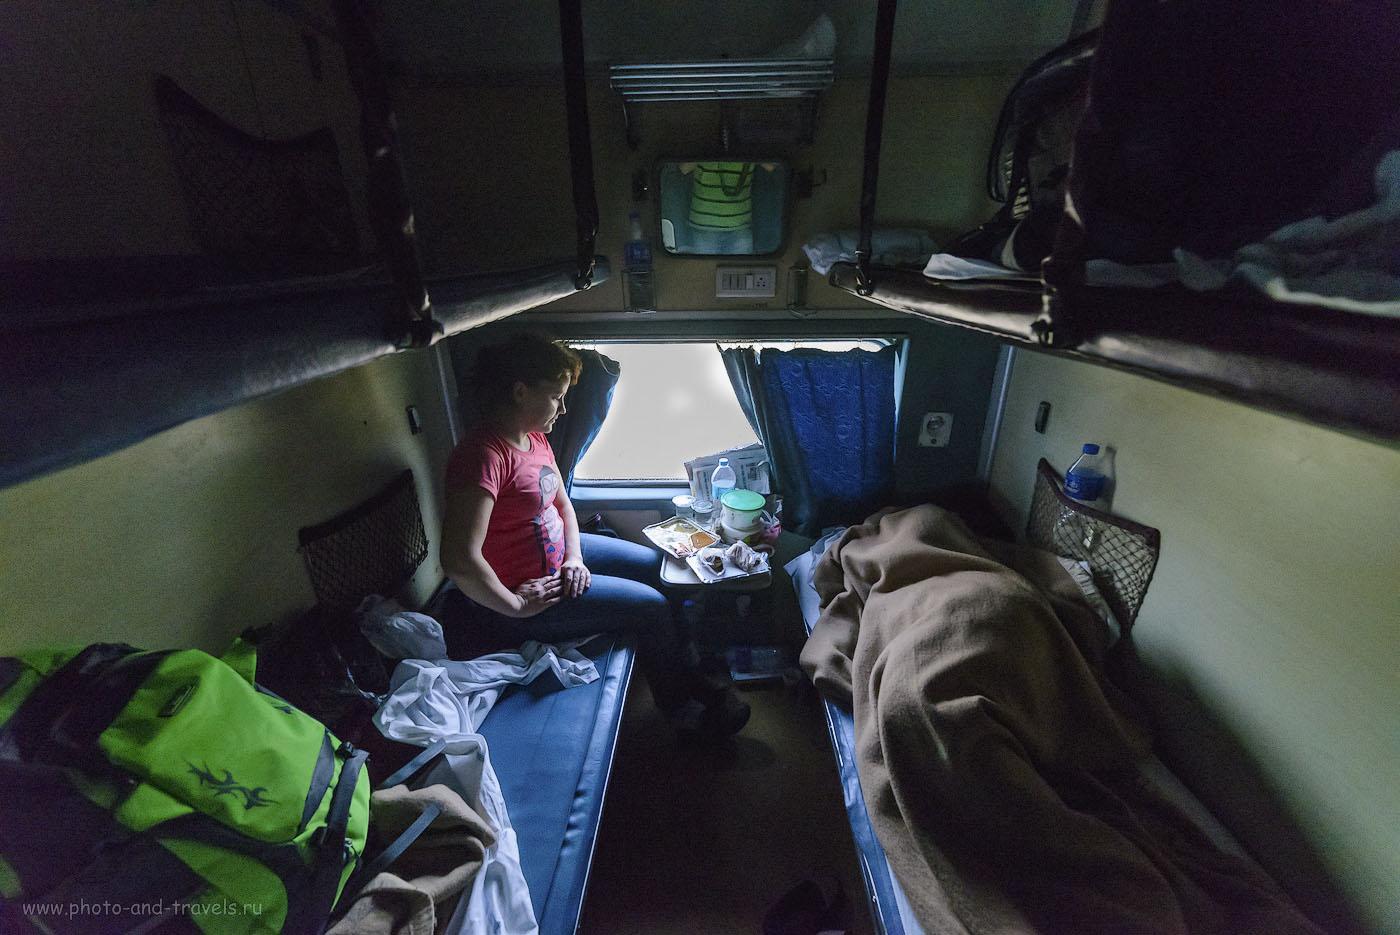 Фото 4. Как выглядит плацкартный вагон в индийском поезде. Купе AC 2-Tier sleeper(2AС). (фотоаппарат Nikon D610, сверхширокоугольный объектив Samyang 14/2.8; настройки: 1/100, -1.0 EV, 5.6, 6400, 14)